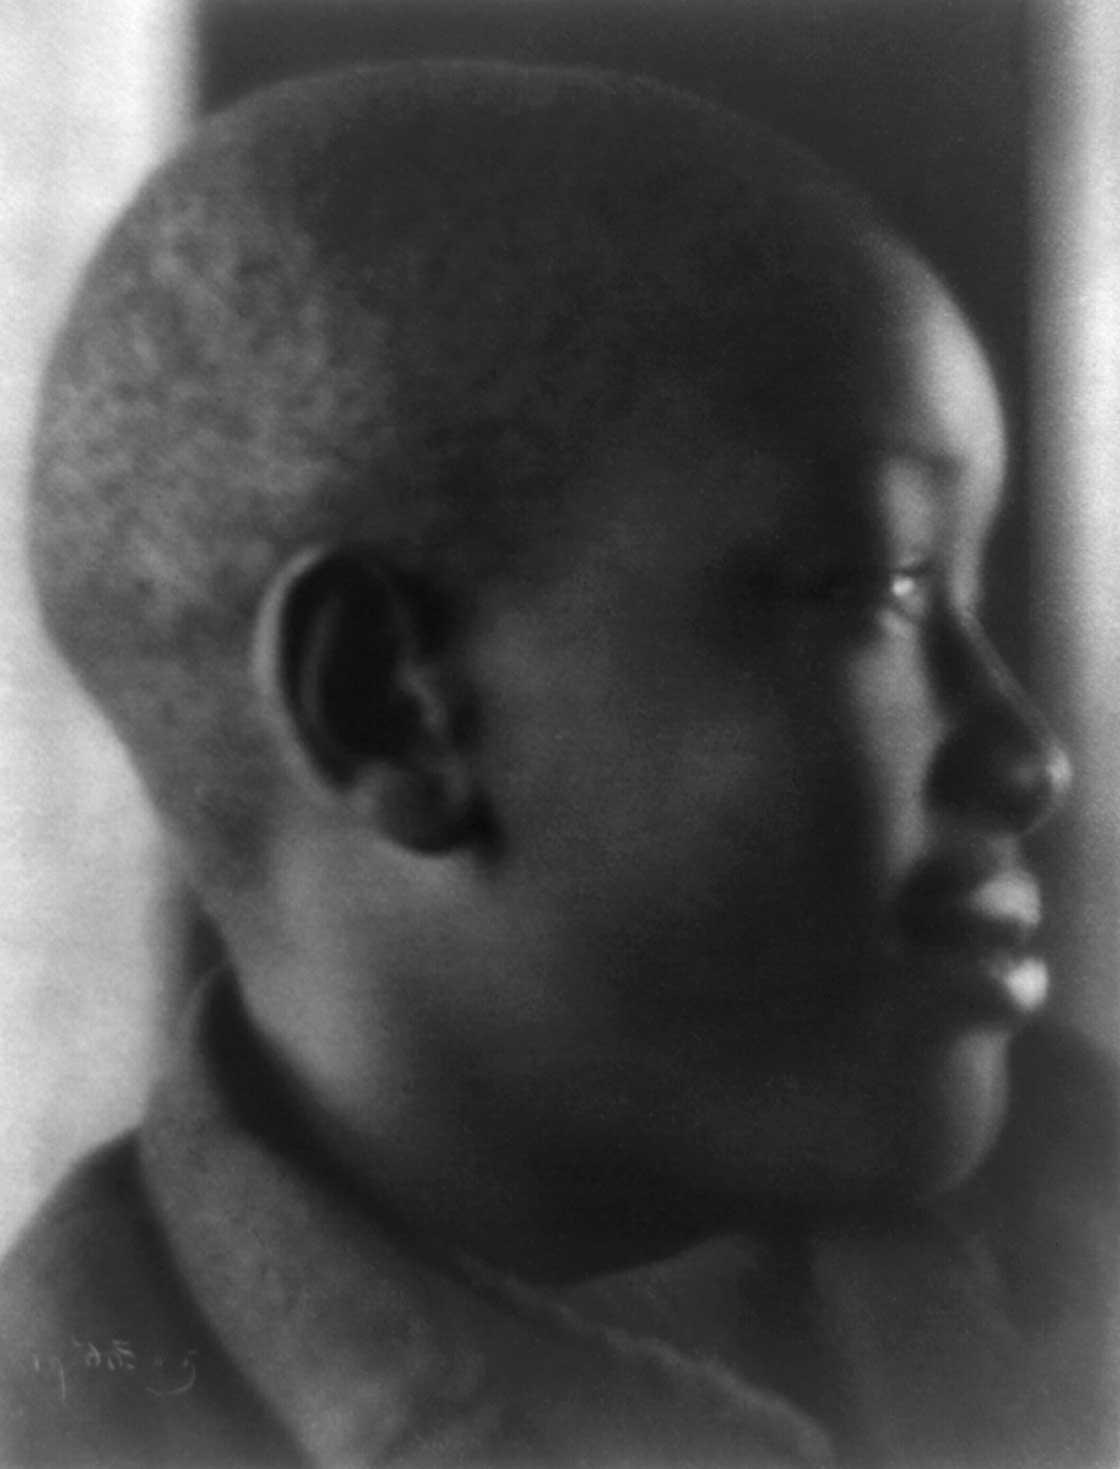 1905: Boy in profile